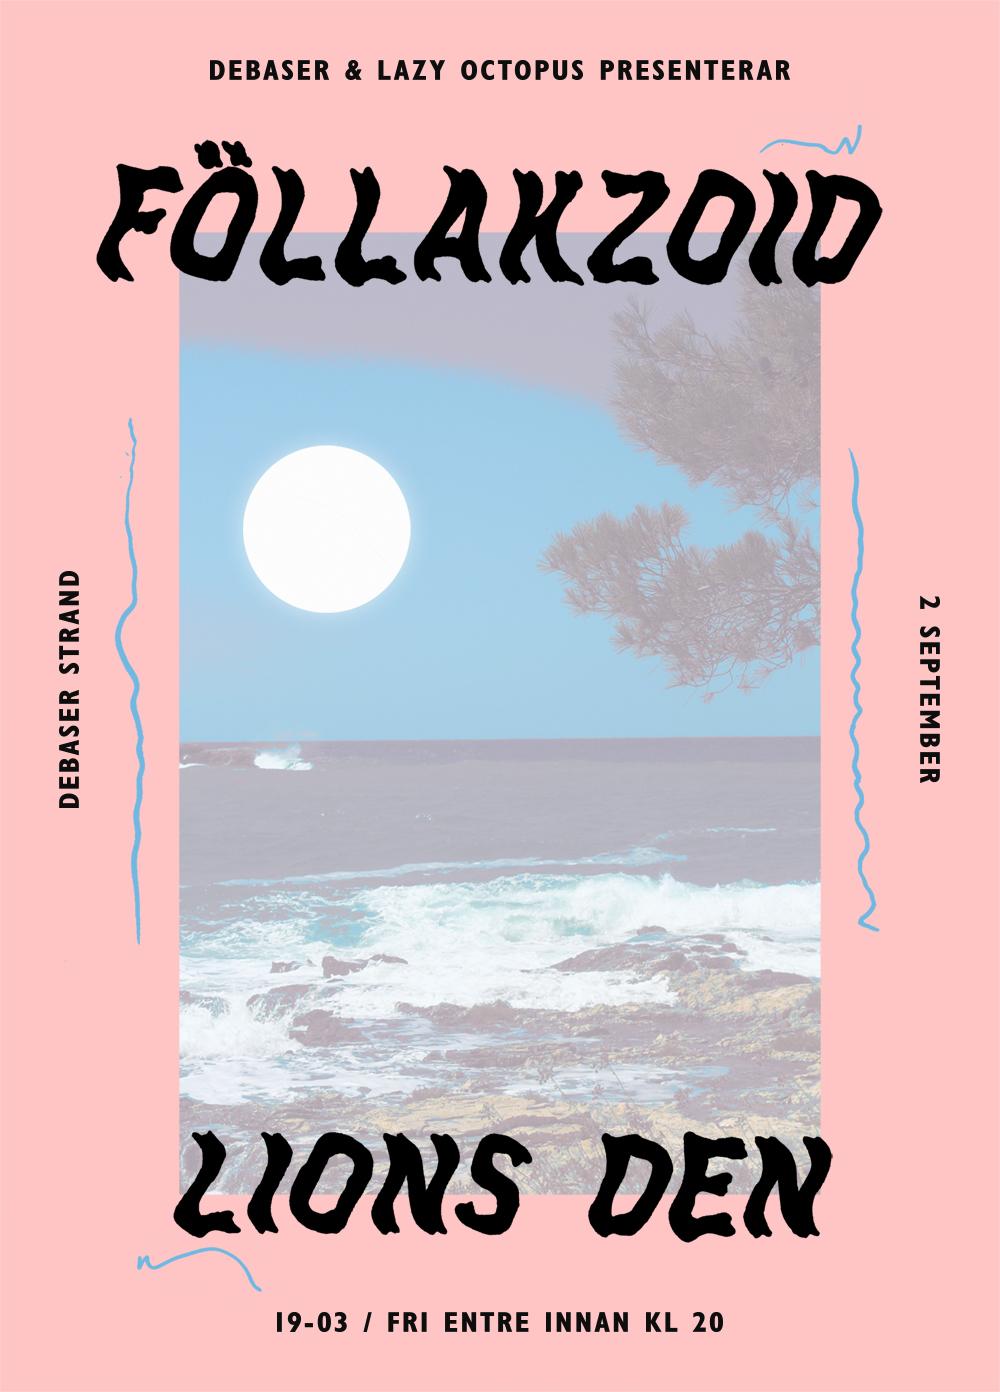 Föllakzoid-(1)-web